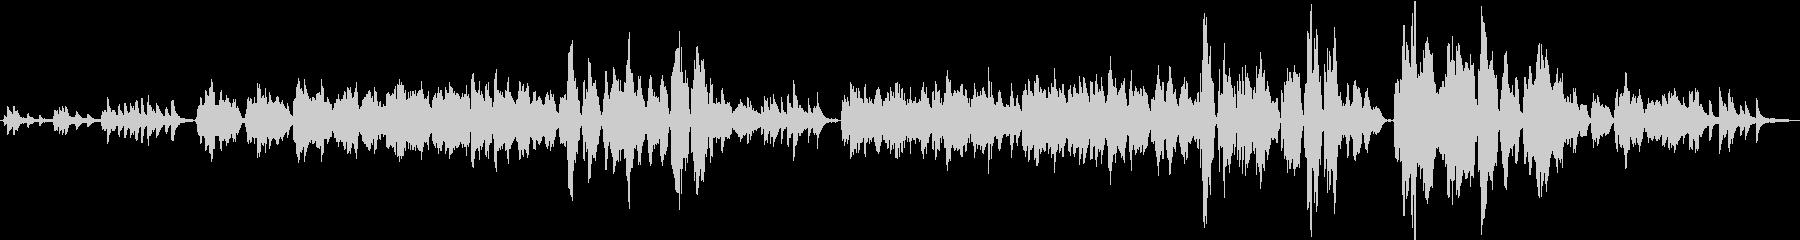 ノスタルジック/フルートとピアノ/生演奏の未再生の波形